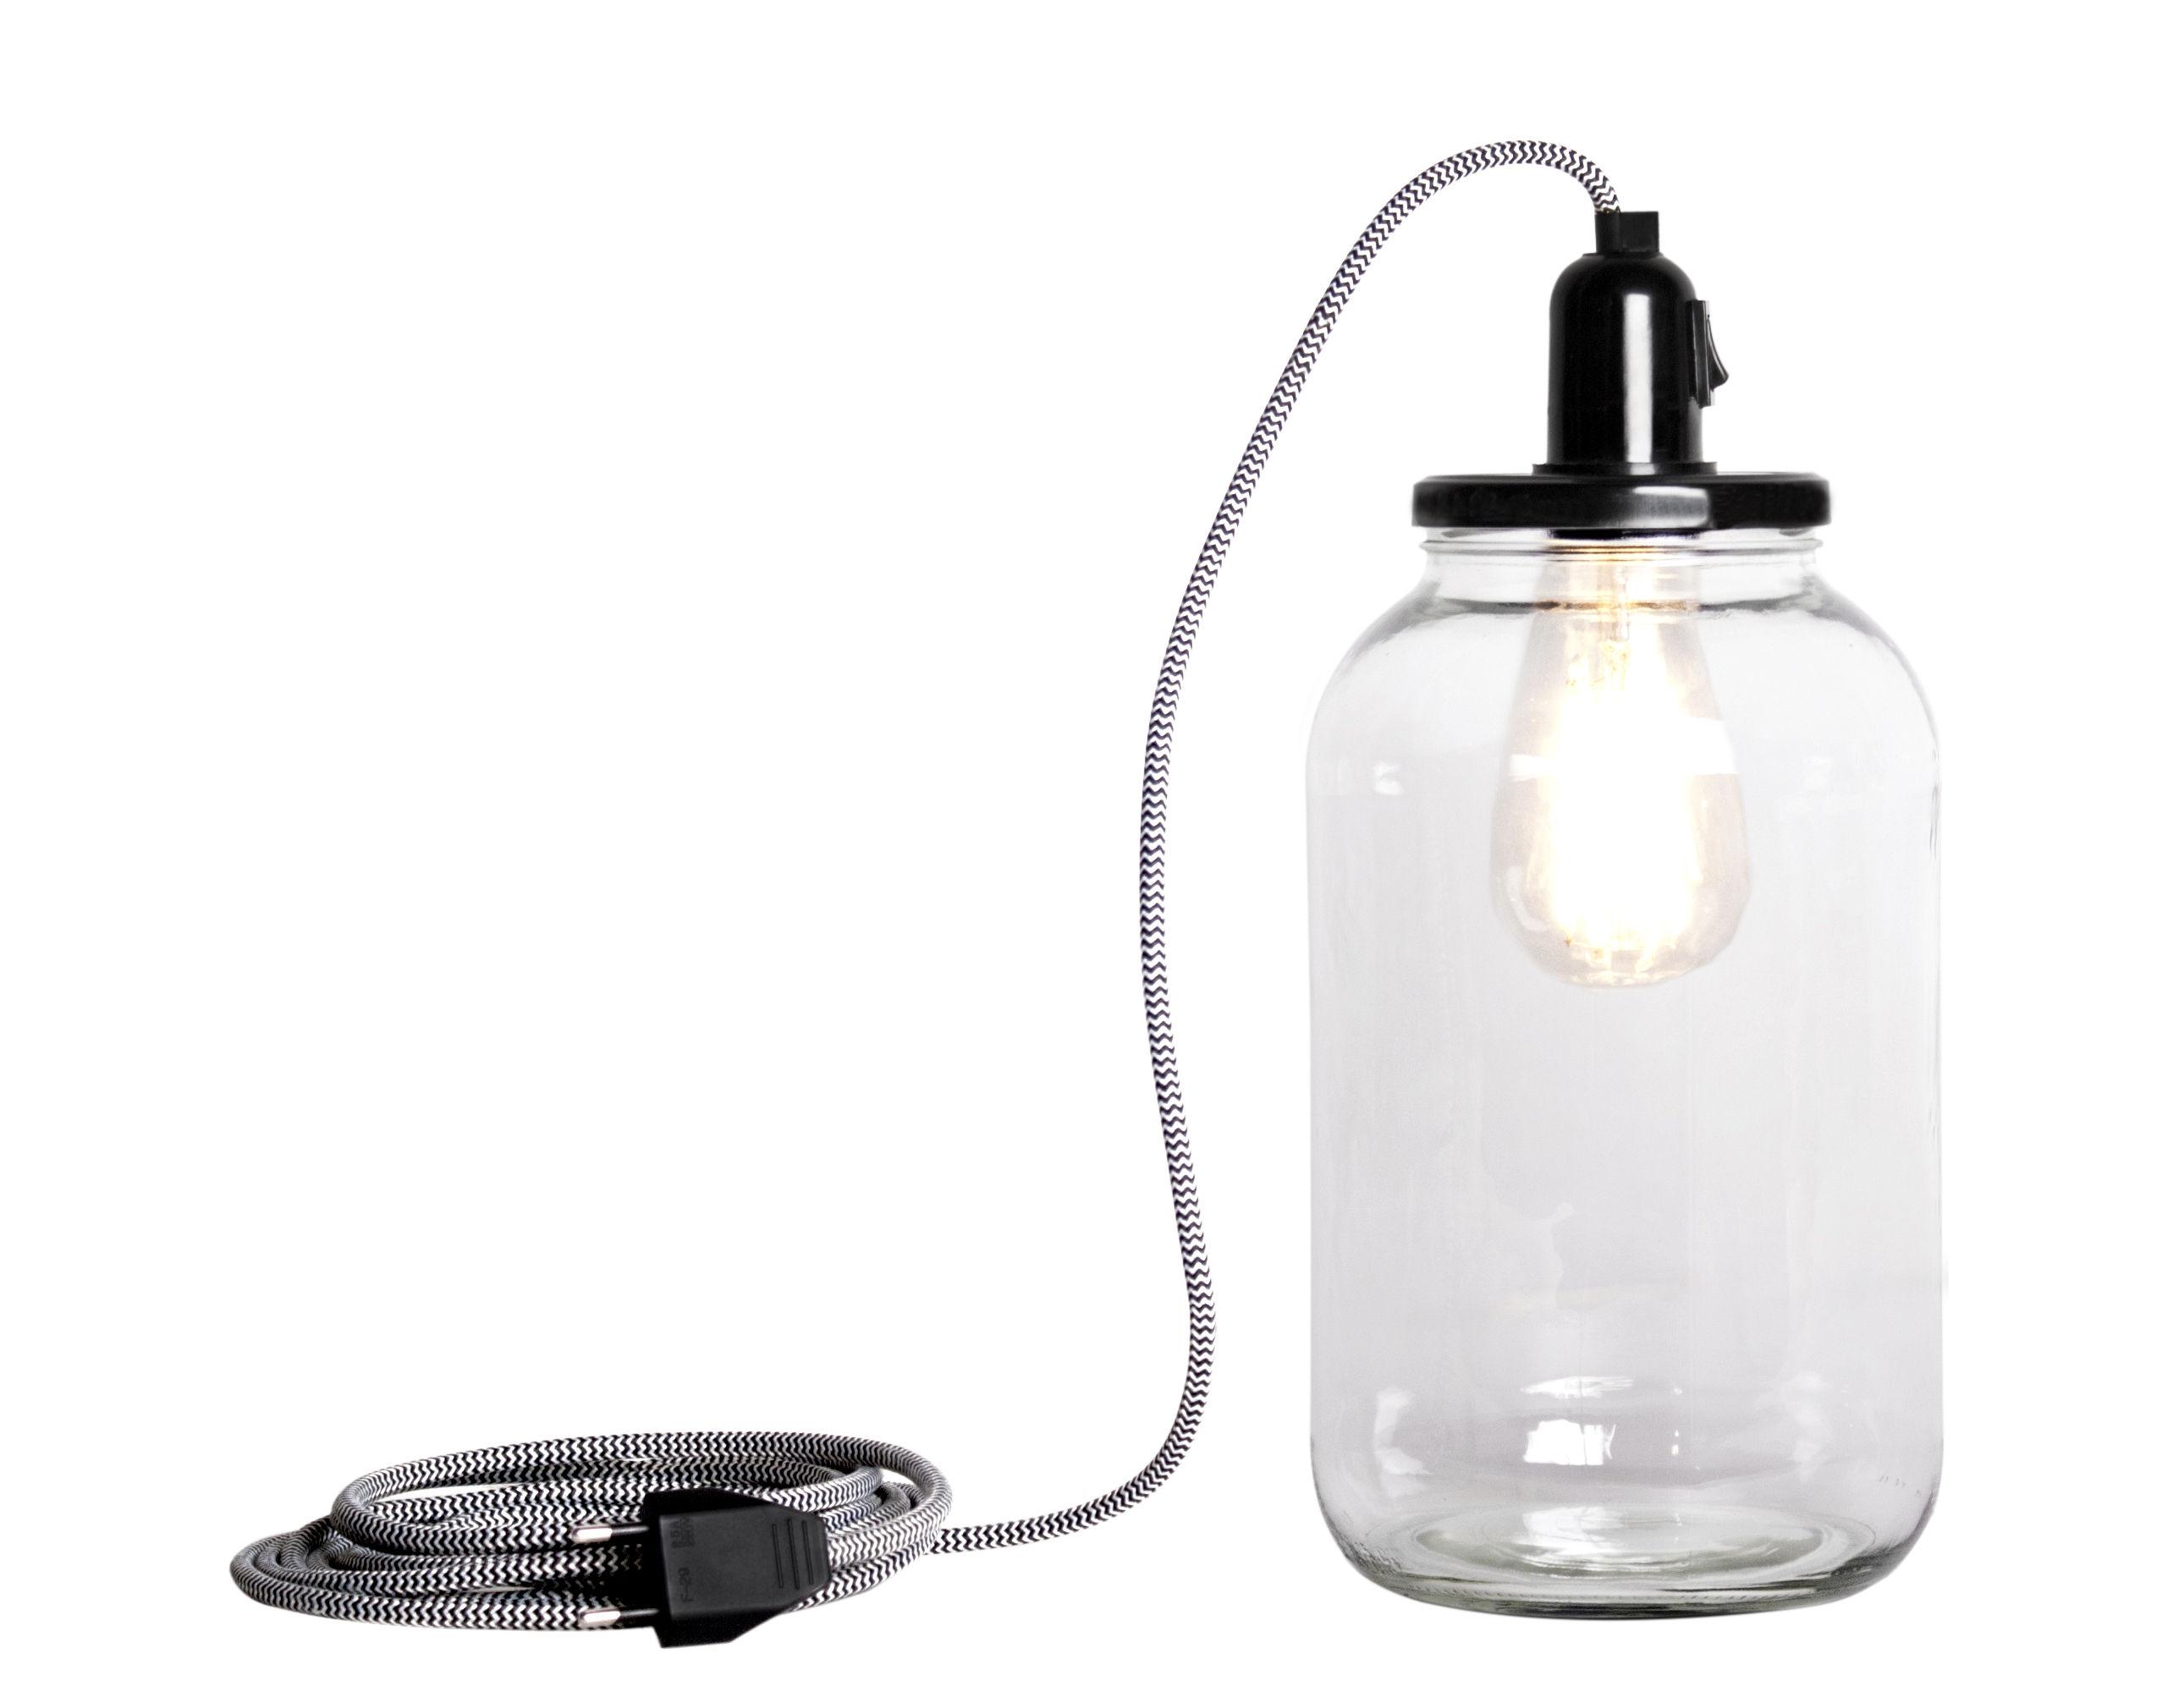 Luminaire - Lampes de table - Lampe Pickle Light / Large H 30 cm - Pop Corn - Transparent / Couvercle noir - Bakélite, Verre recyclé